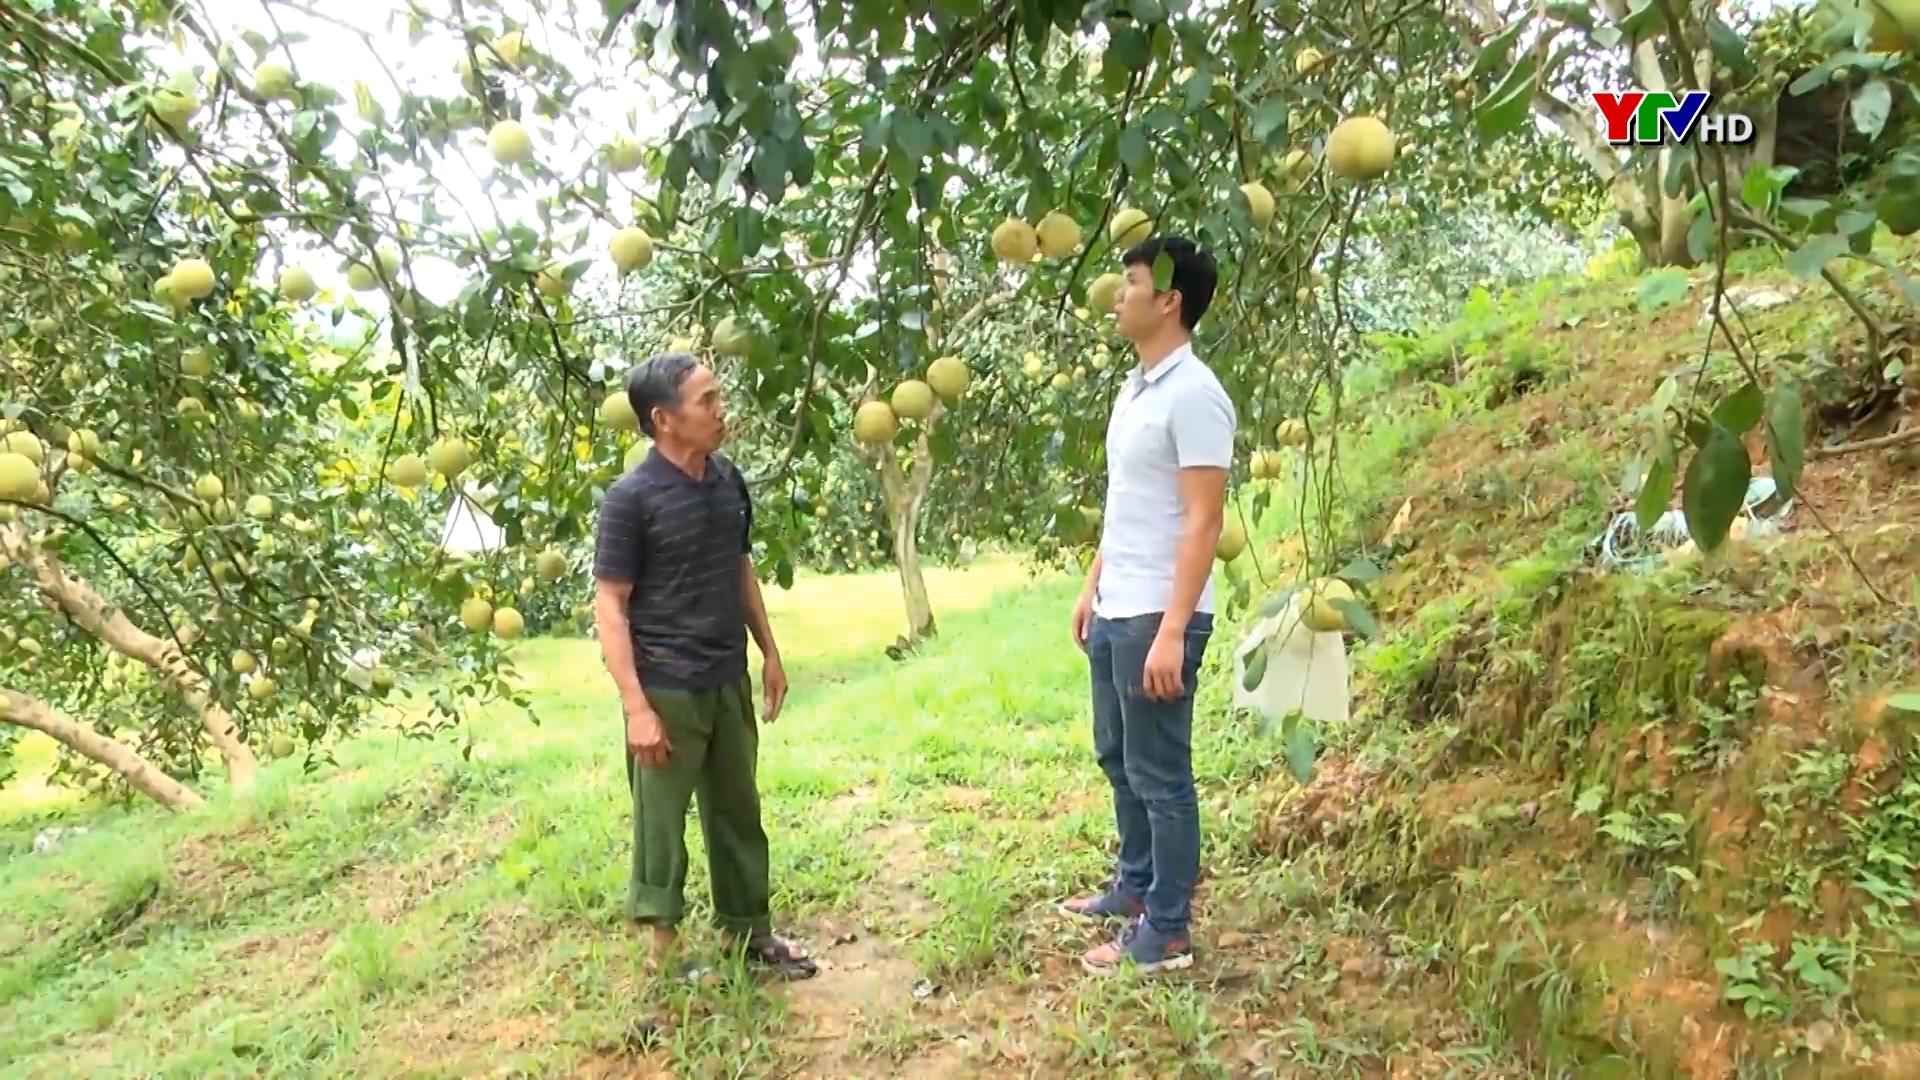 Huyện Yên Bình đánh giá 4 sản phẩm OCOP